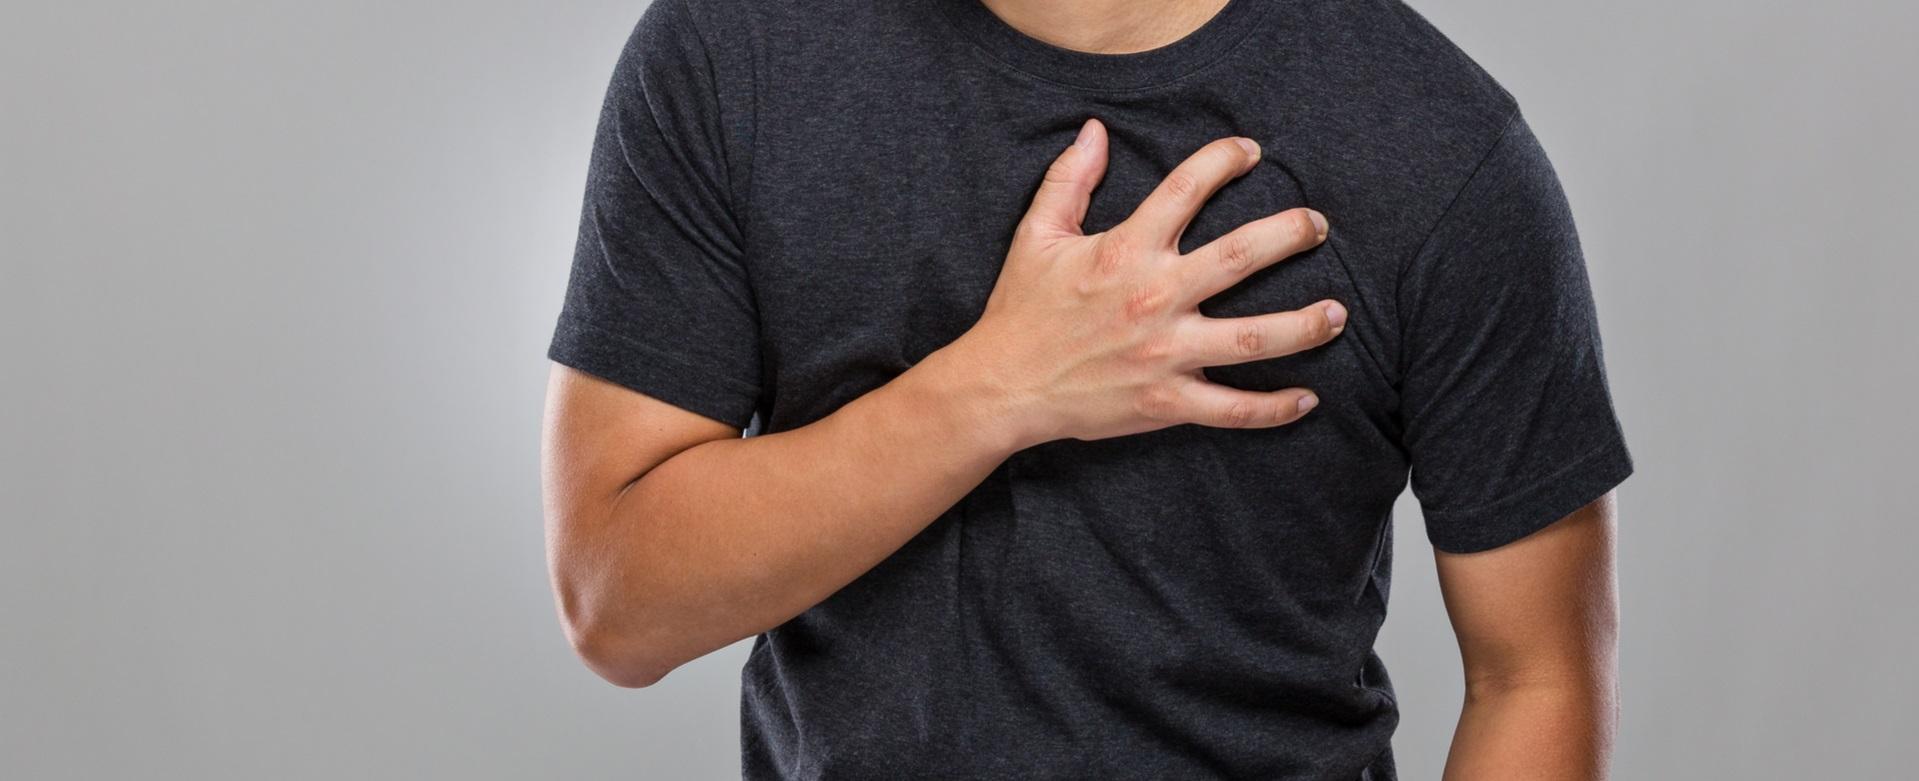 勃起功能障礙,竟是心血管疾病引起?